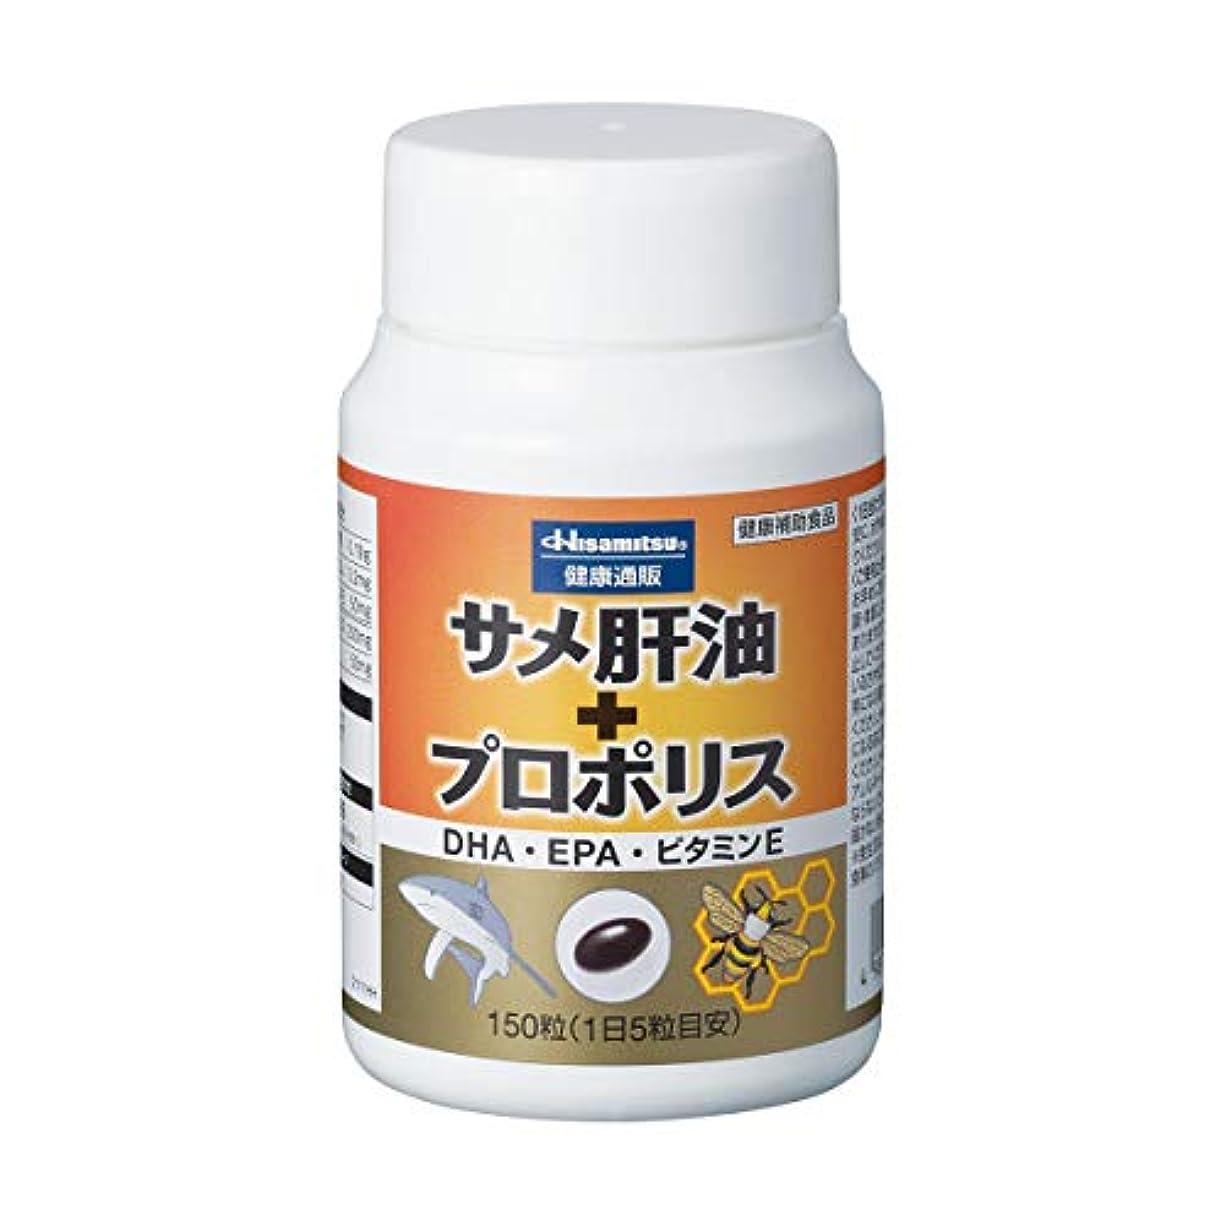 叫ぶ差別アトミックサメ肝油 + プロポリス 150粒 DHA EPA ビタミンE 配合 久光製薬